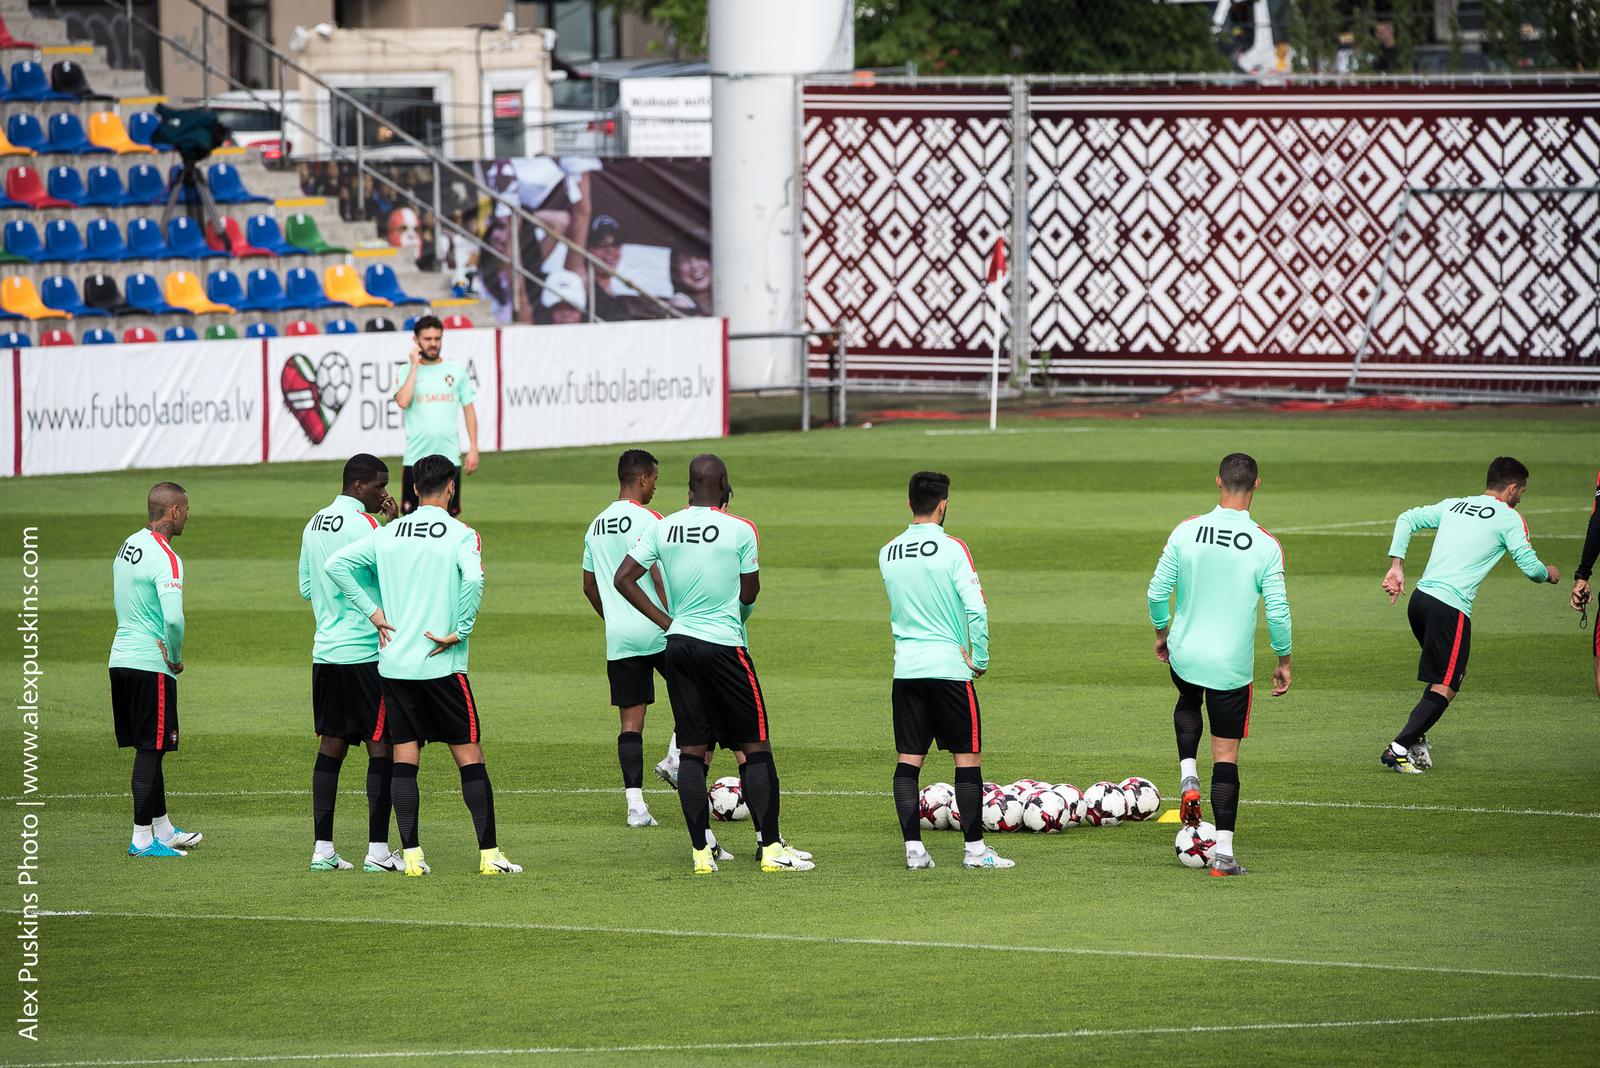 Тренировка сборной Португалии с Криштиано Рональдо в Риге - фото